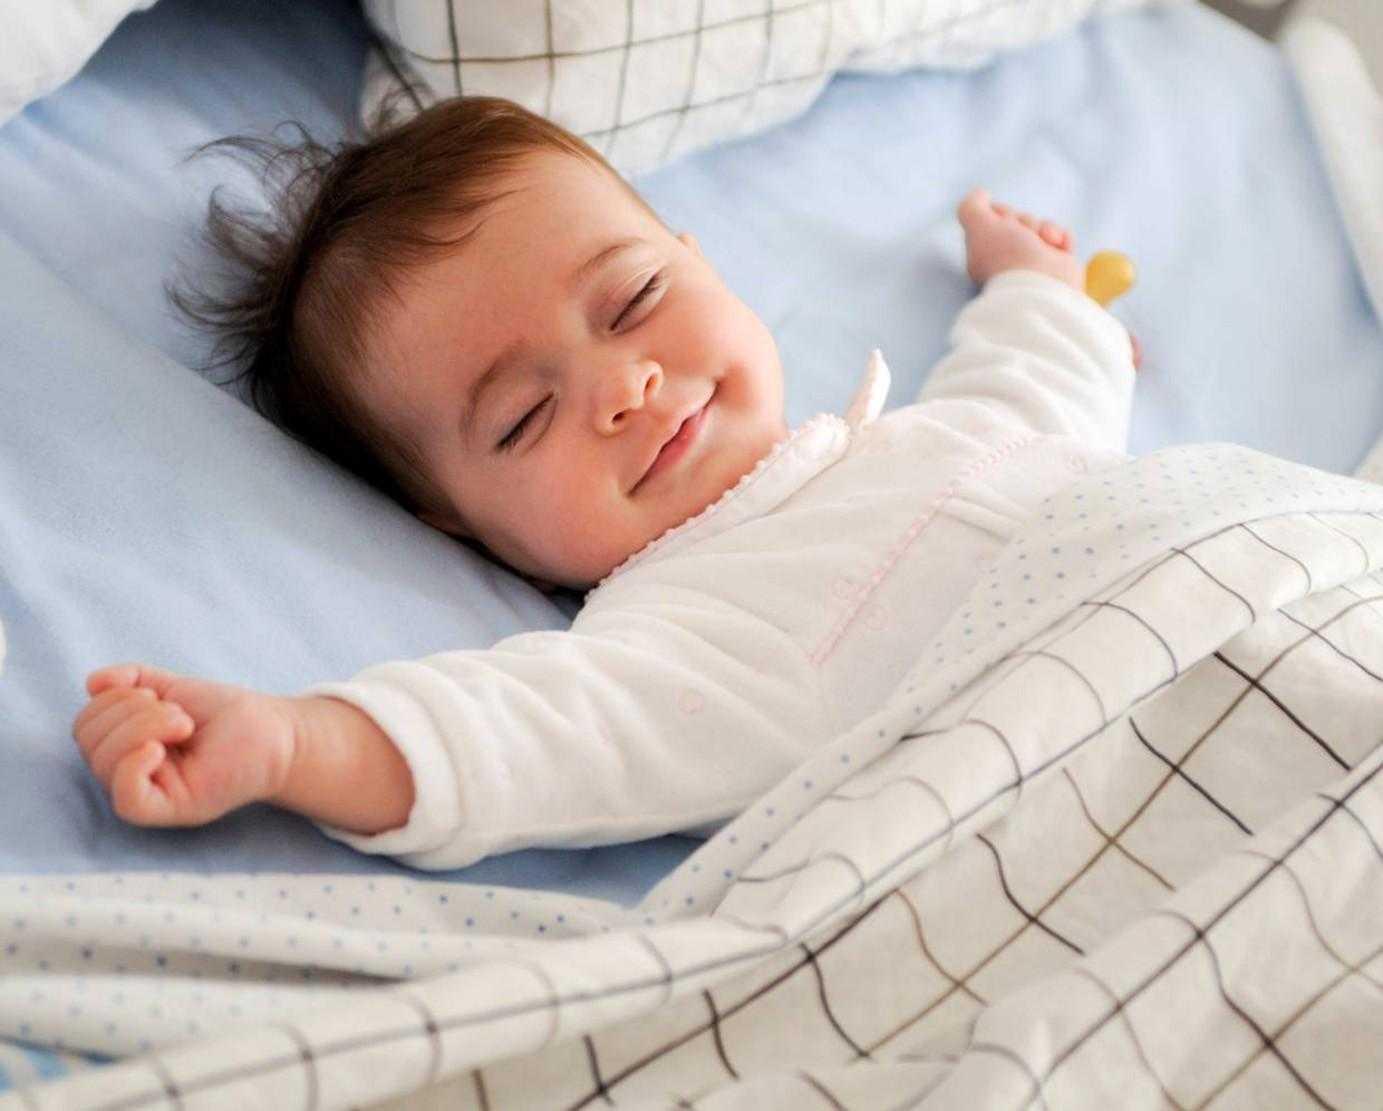 Почему ребенок вздрагивает при засыпании, просыпается и плачет